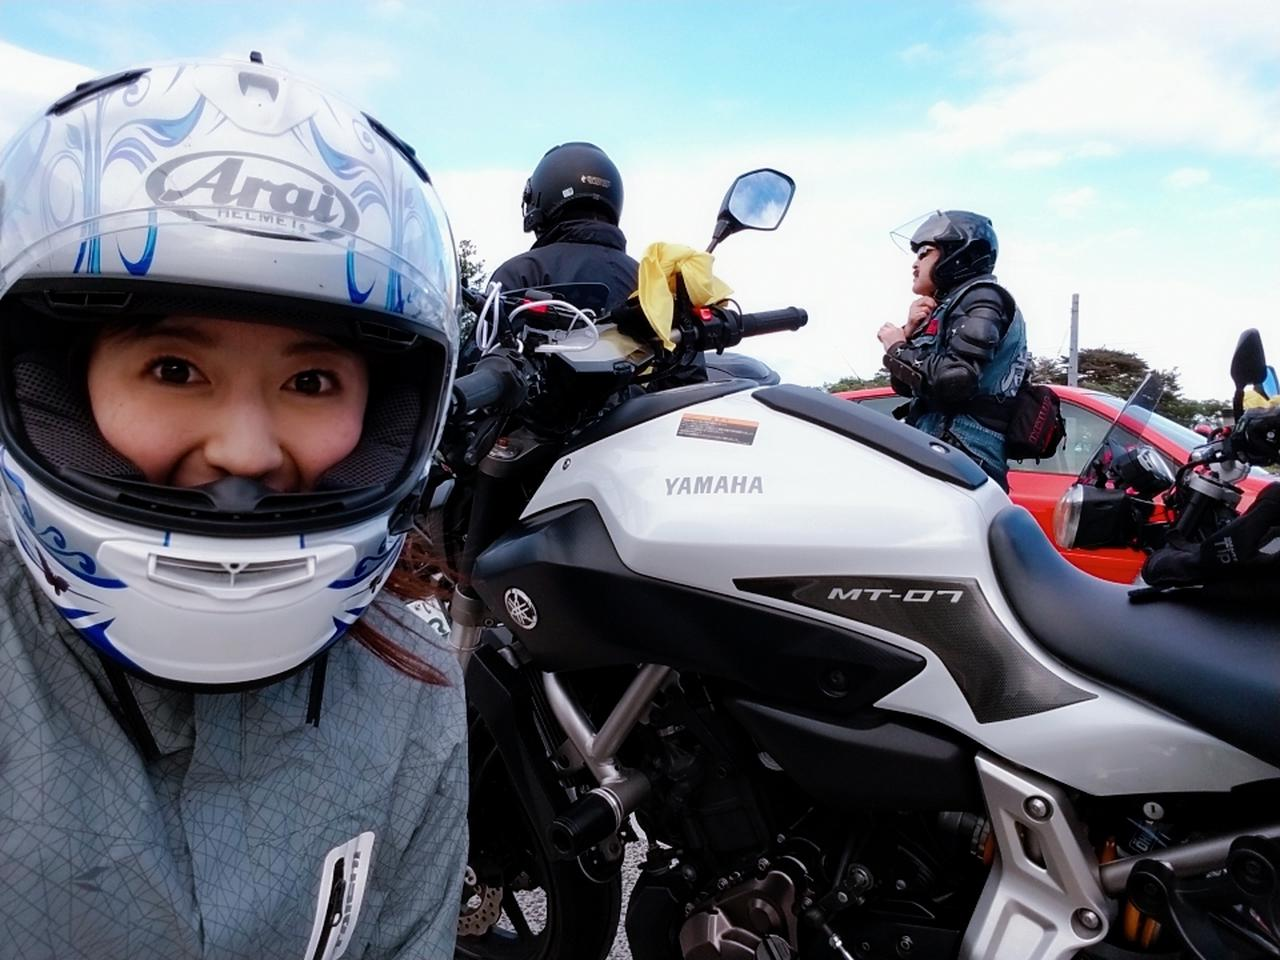 画像: 今回、私はYAMAHAのMT-07で行きました! 実はMT-07に乗るのは初めて。MT-09に比べて素直で可愛い感じ!? 乗りやすさや安定感もあるし、力も十分あるから長距離でもグイグイいける( •̀ᴗ•́ )b